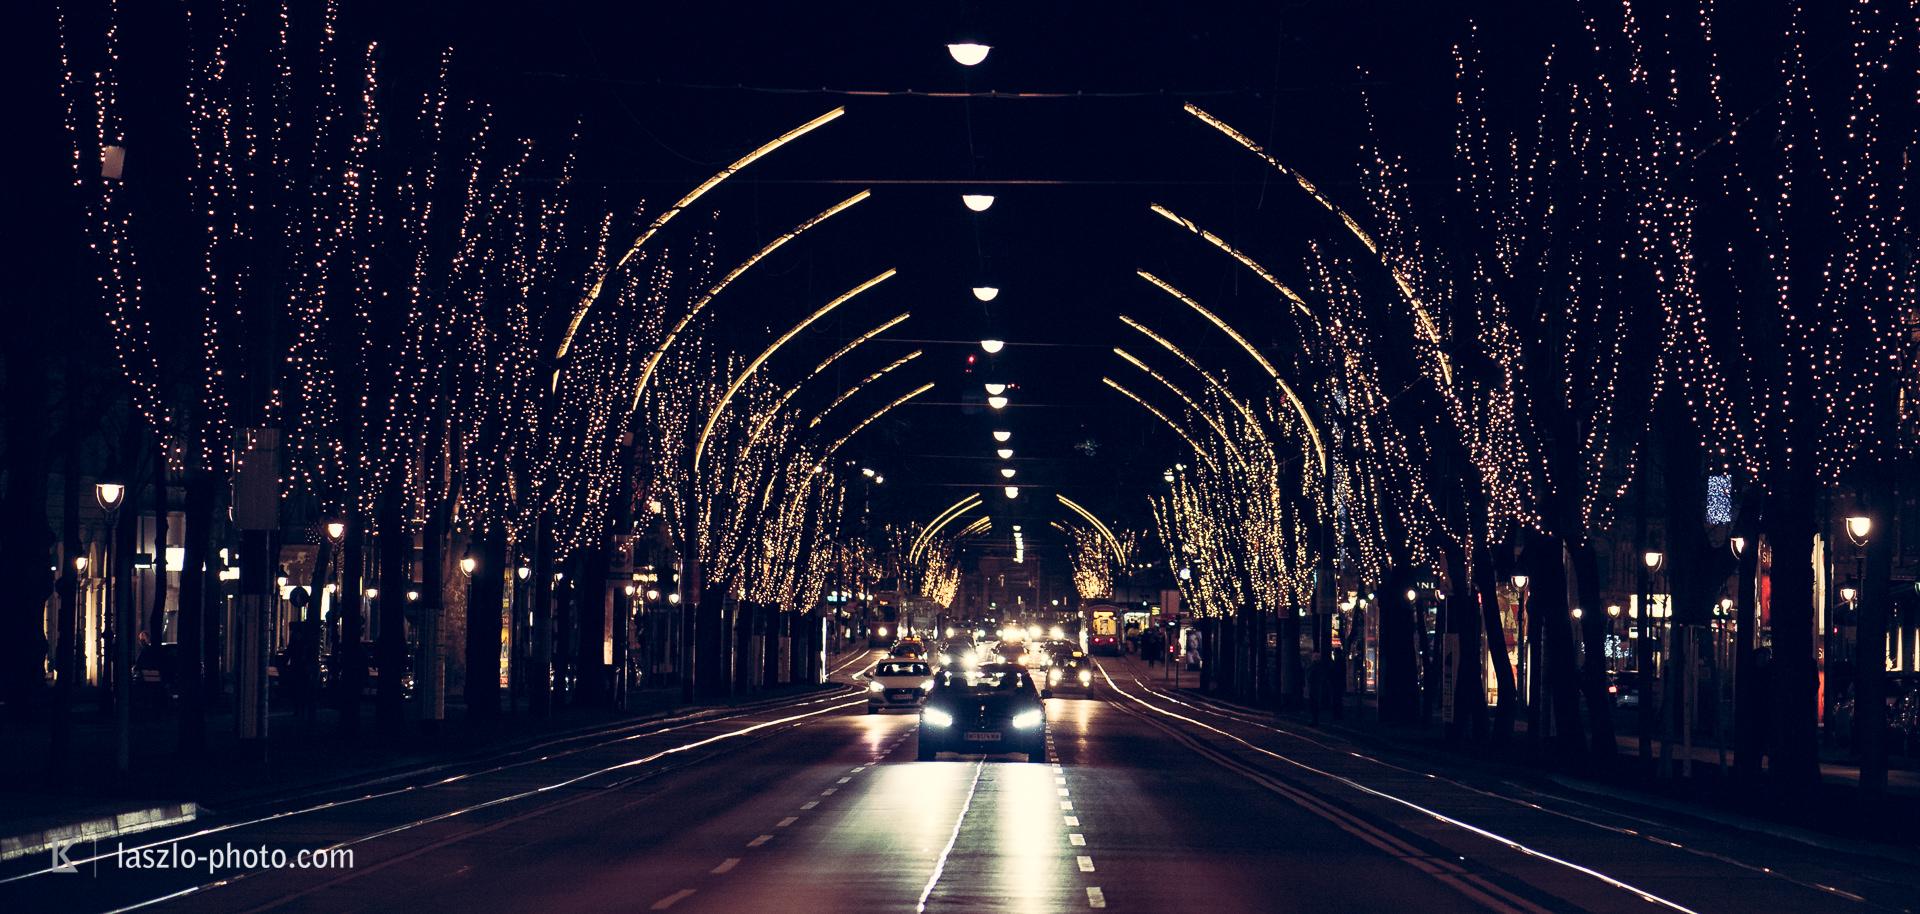 20161209_Weihnachten_Christkindlmarkt-4874